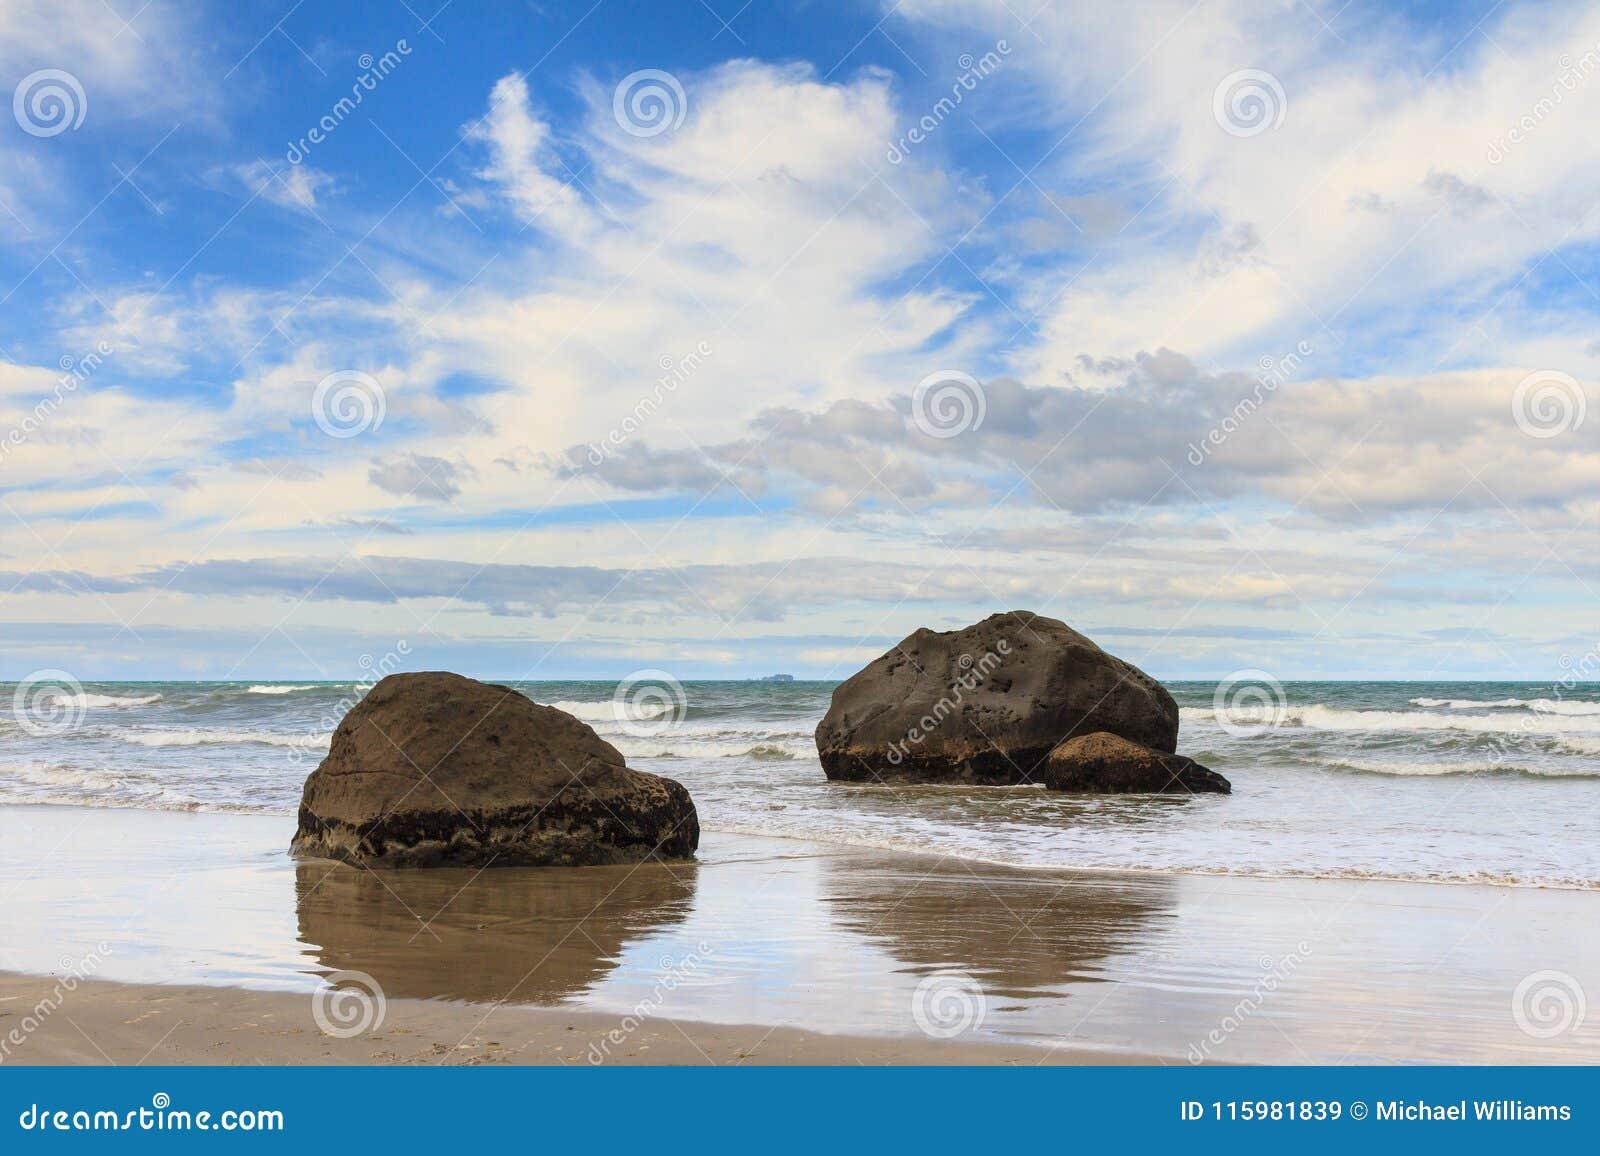 Keien in het glanzende zand van een strand worden weerspiegeld dat